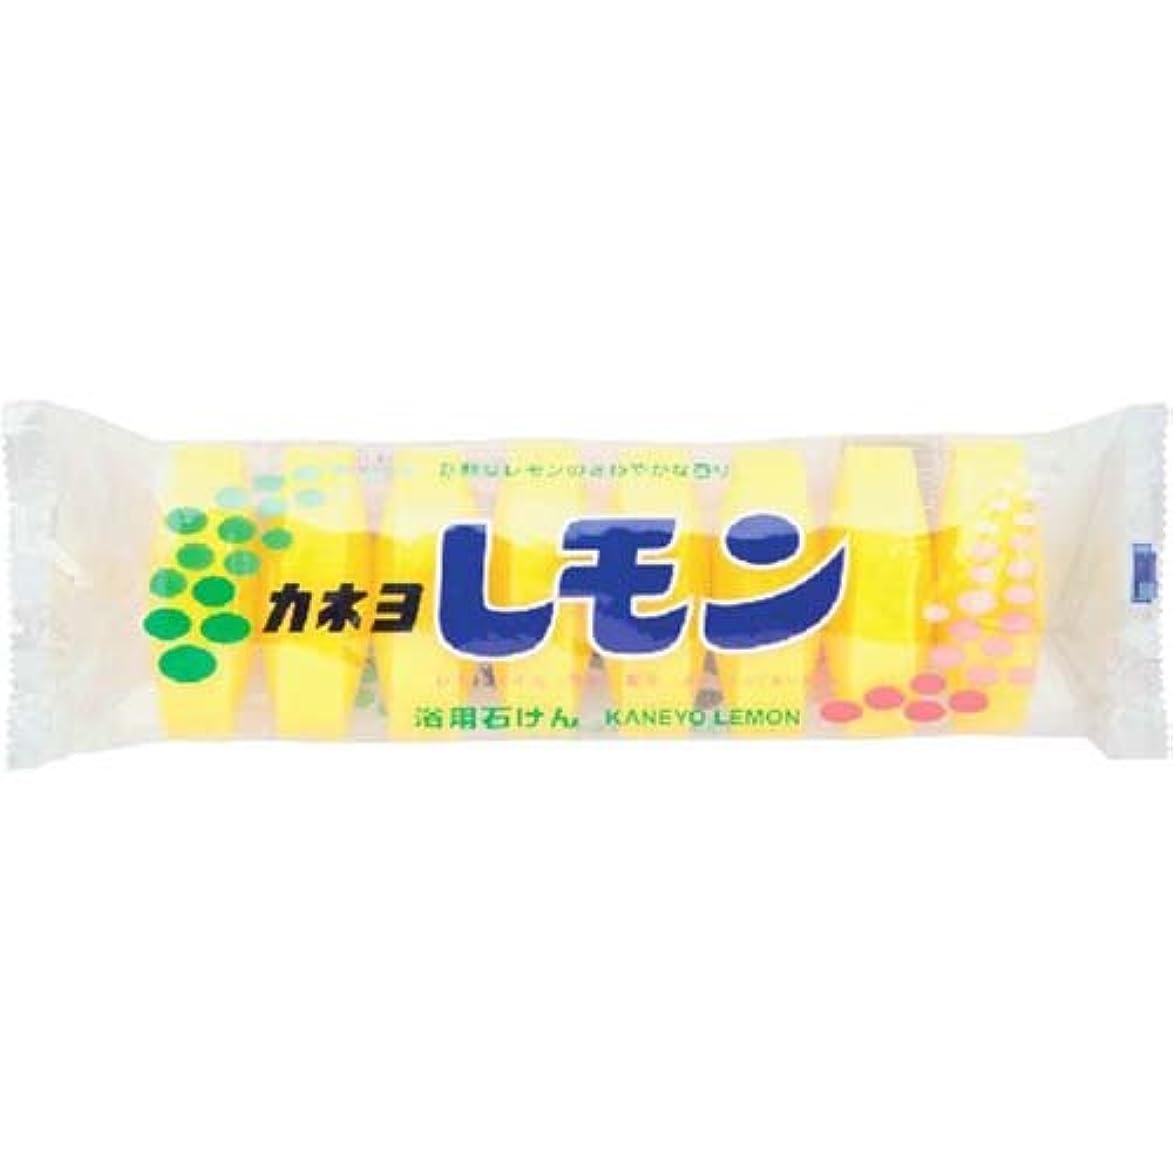 九時四十五分高原つぼみカネヨ レモン石鹸 8個